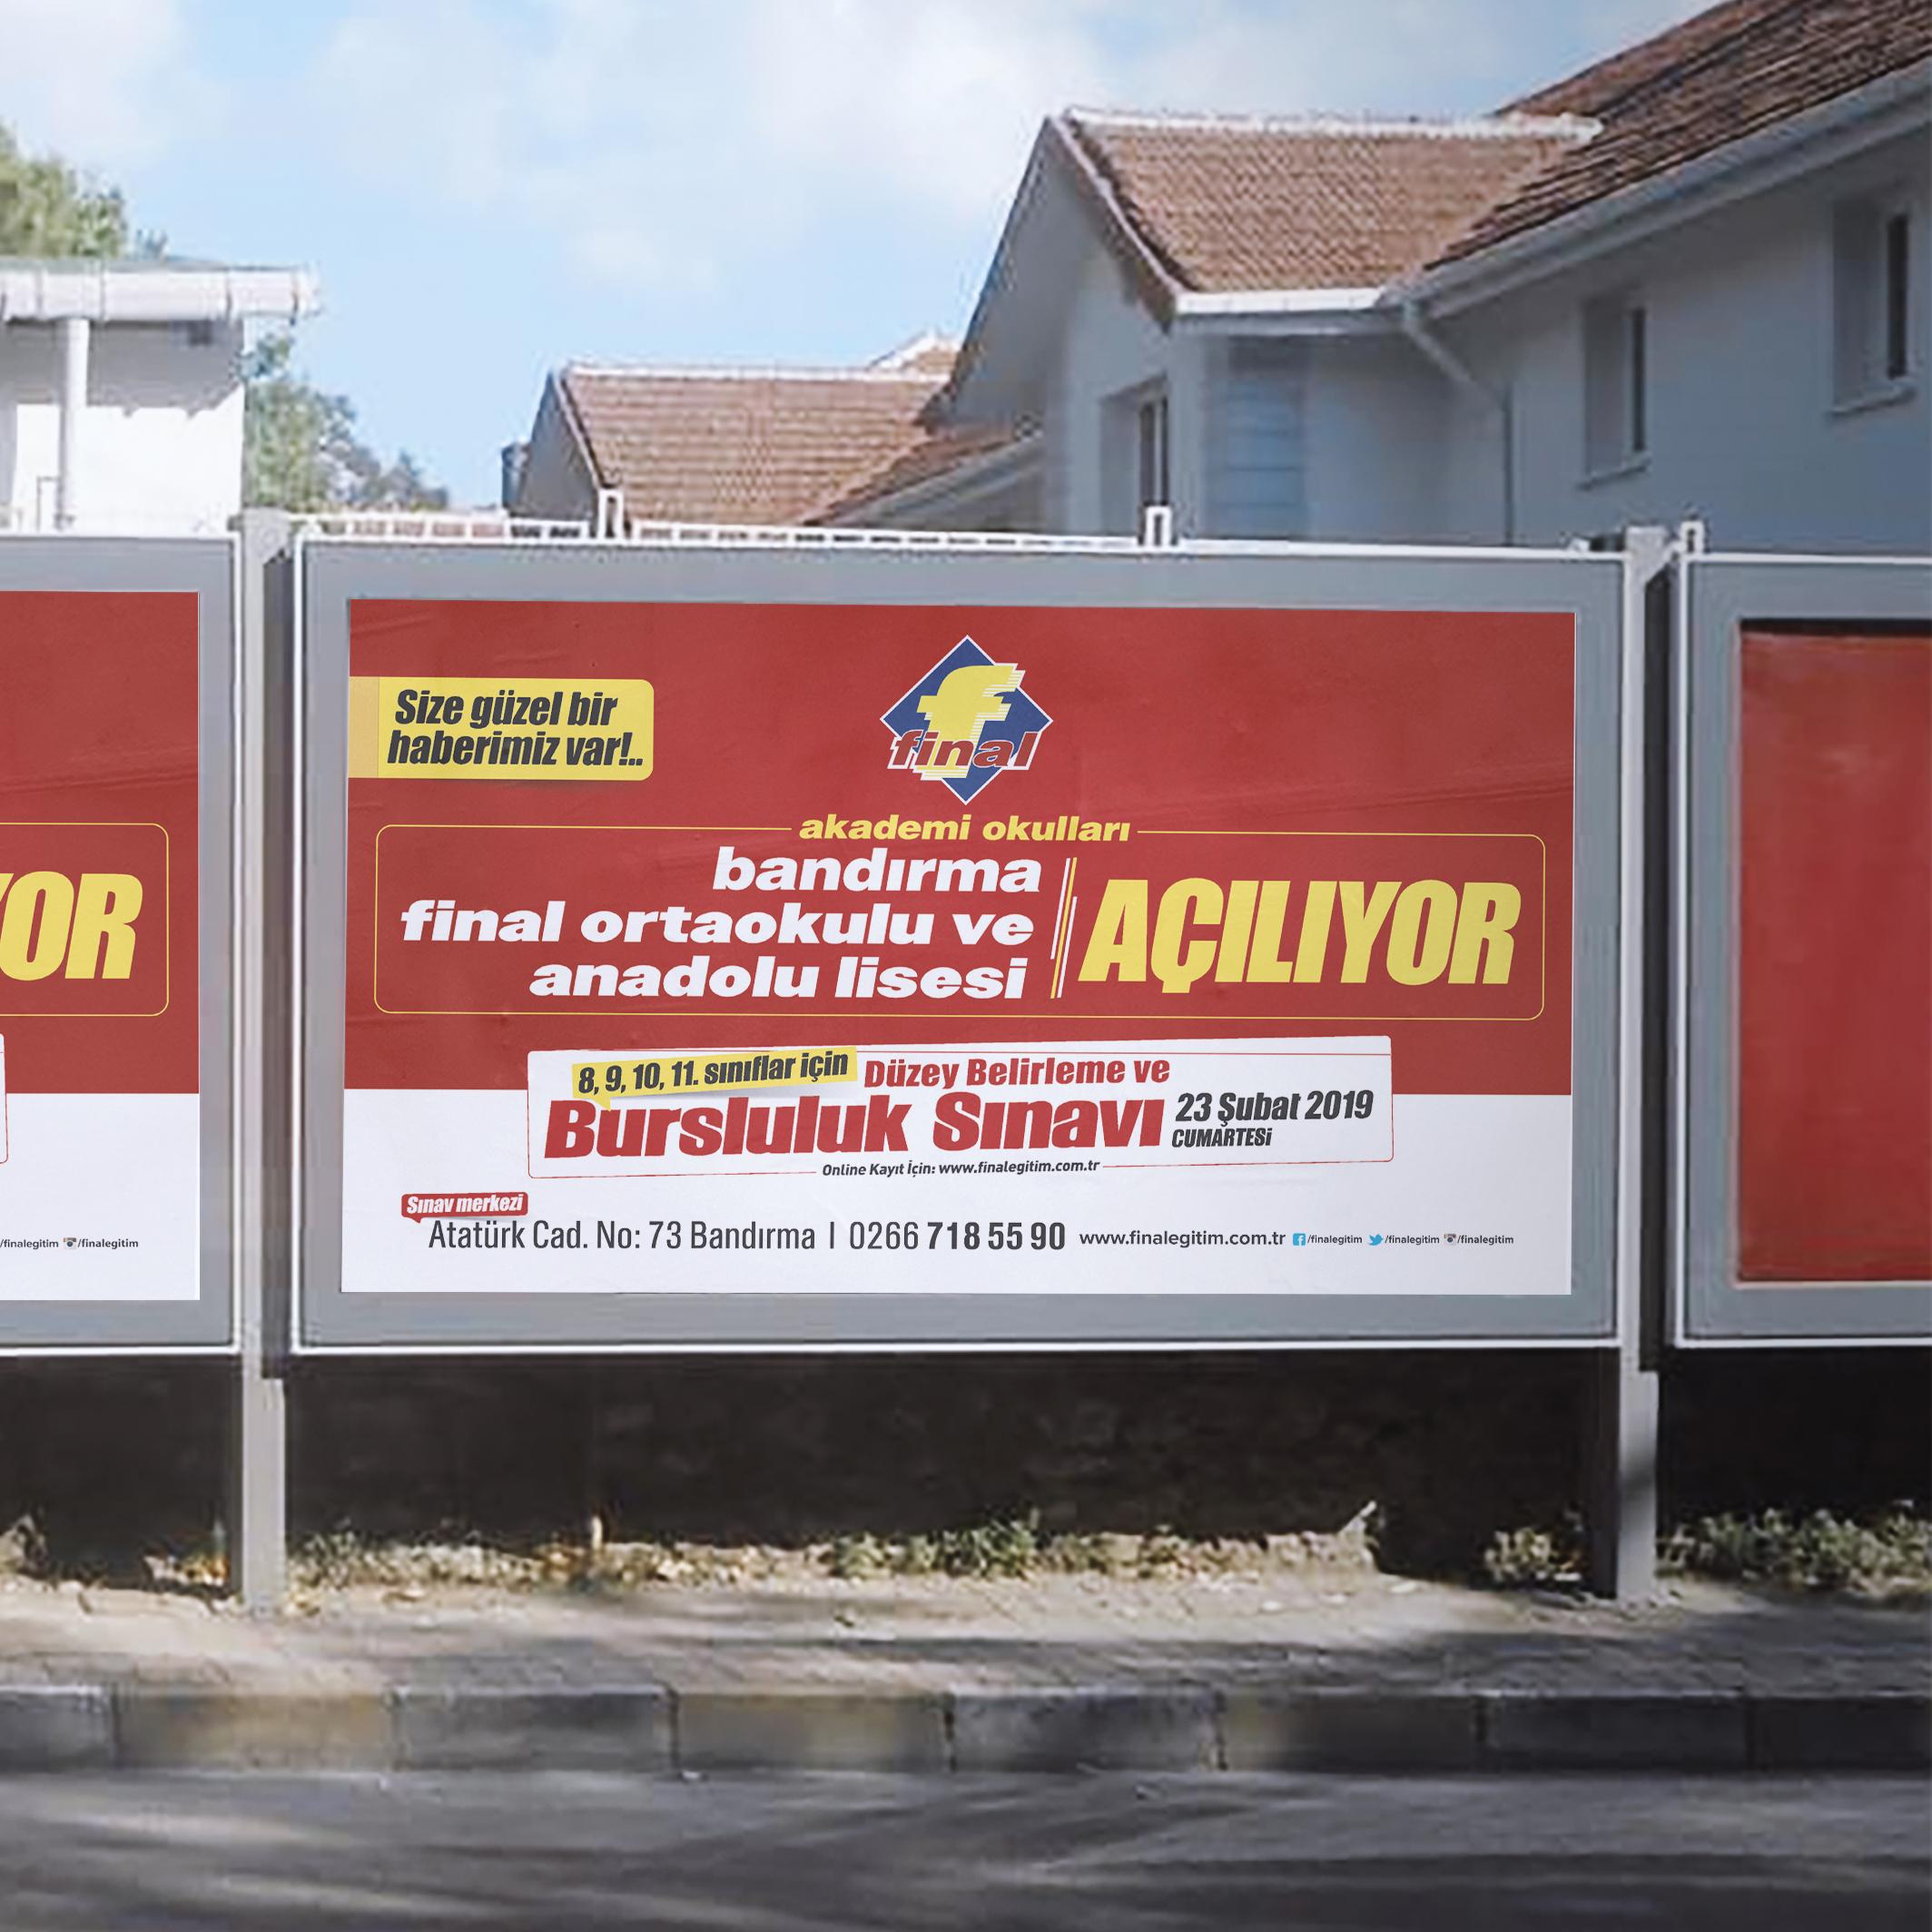 Final Akademi Okulları Billboard